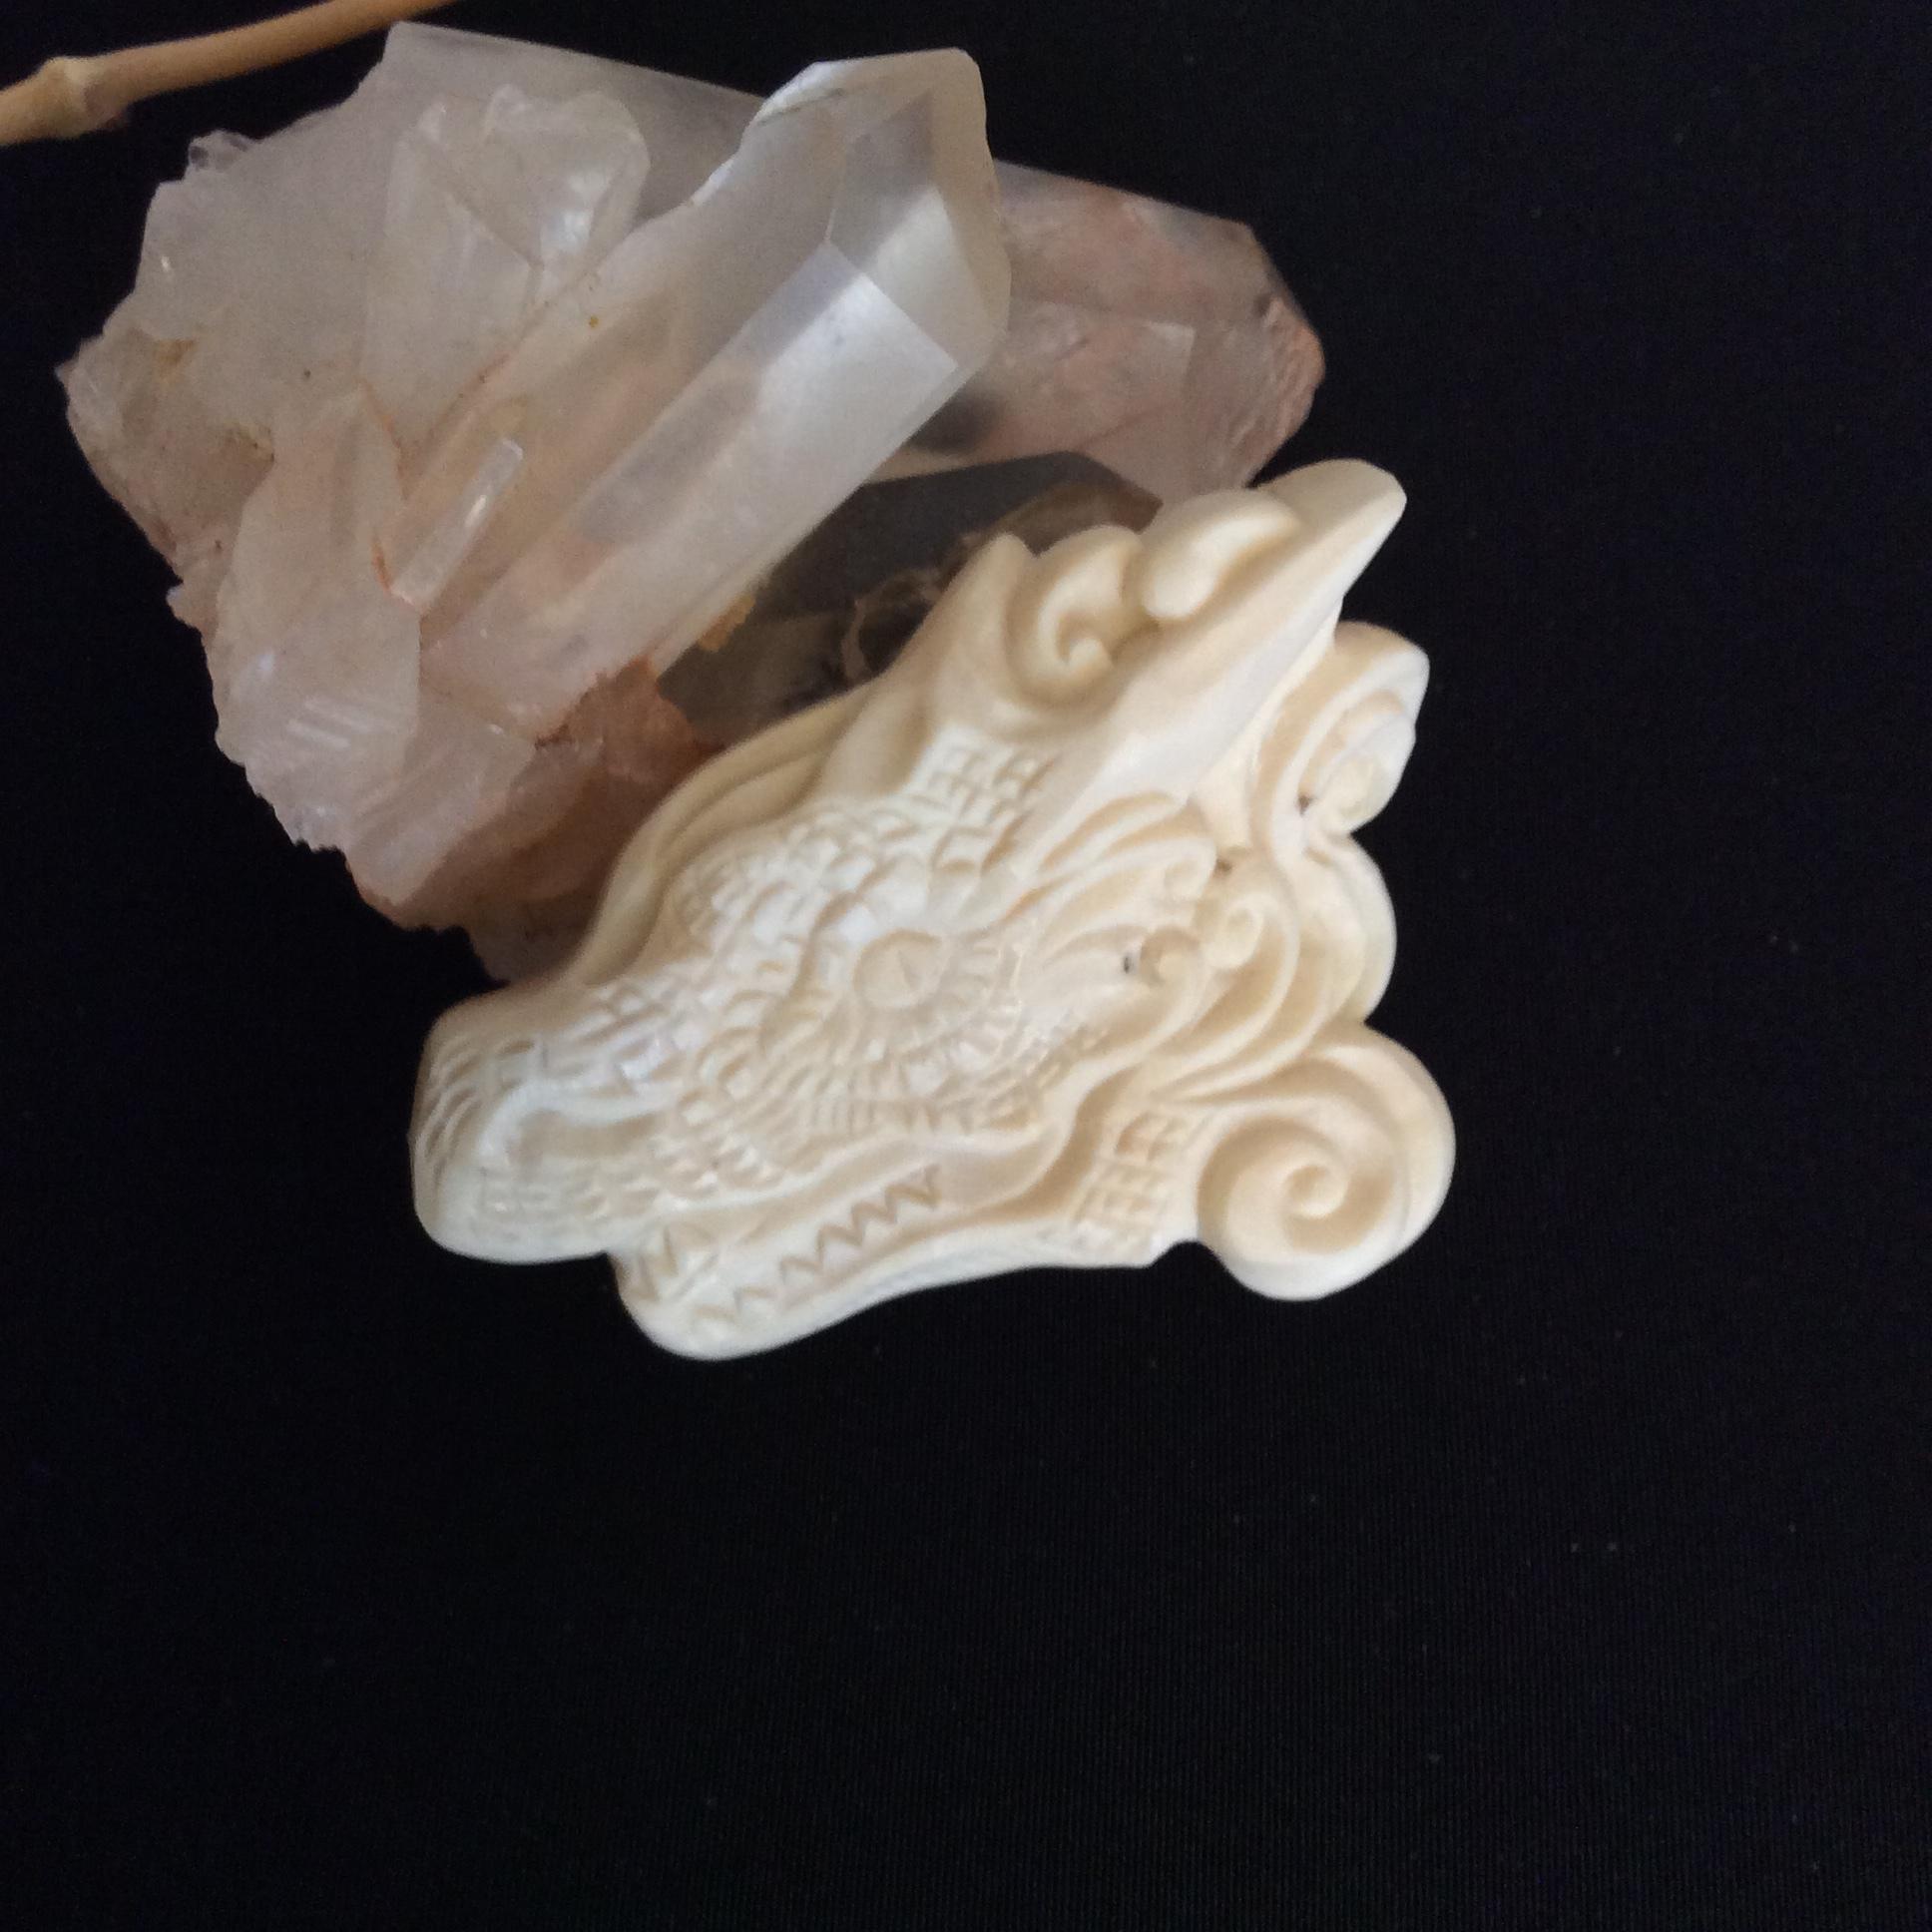 鹿骨彫刻のブローチ「sprite」ドラゴン